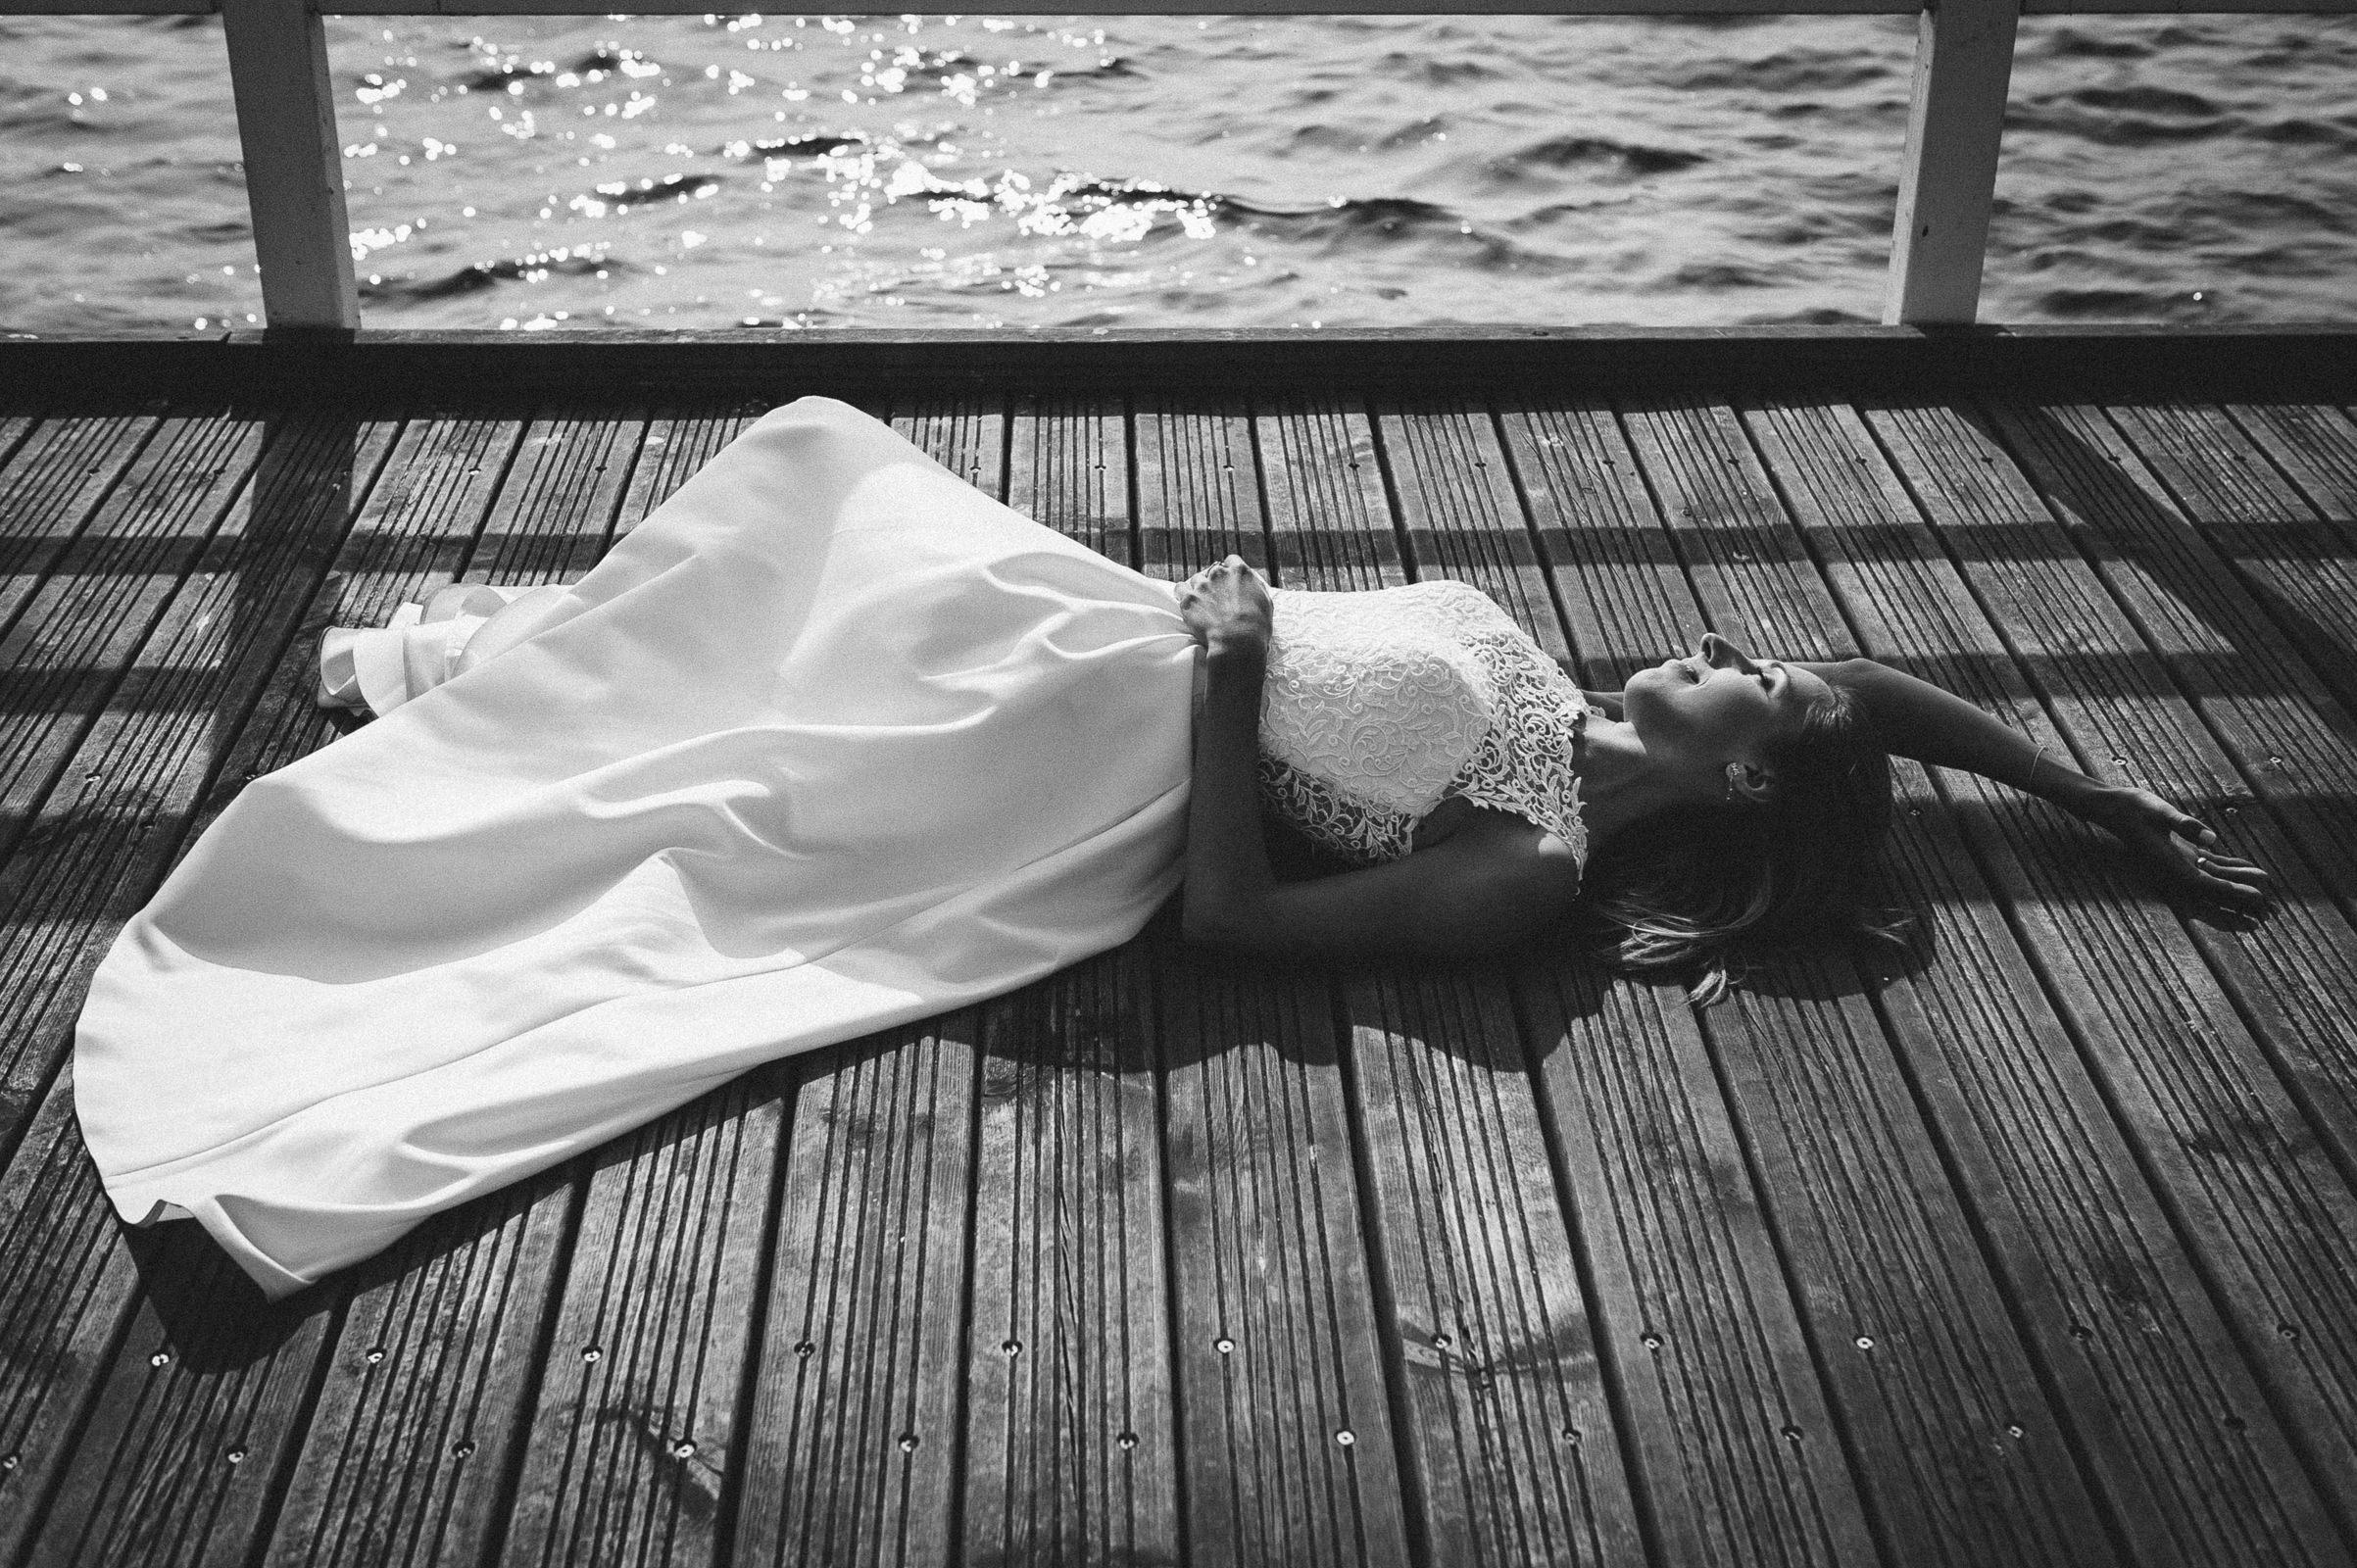 błogi relaks w promieniach letniego słońca na plenerze ślubnym wśród szumu fal